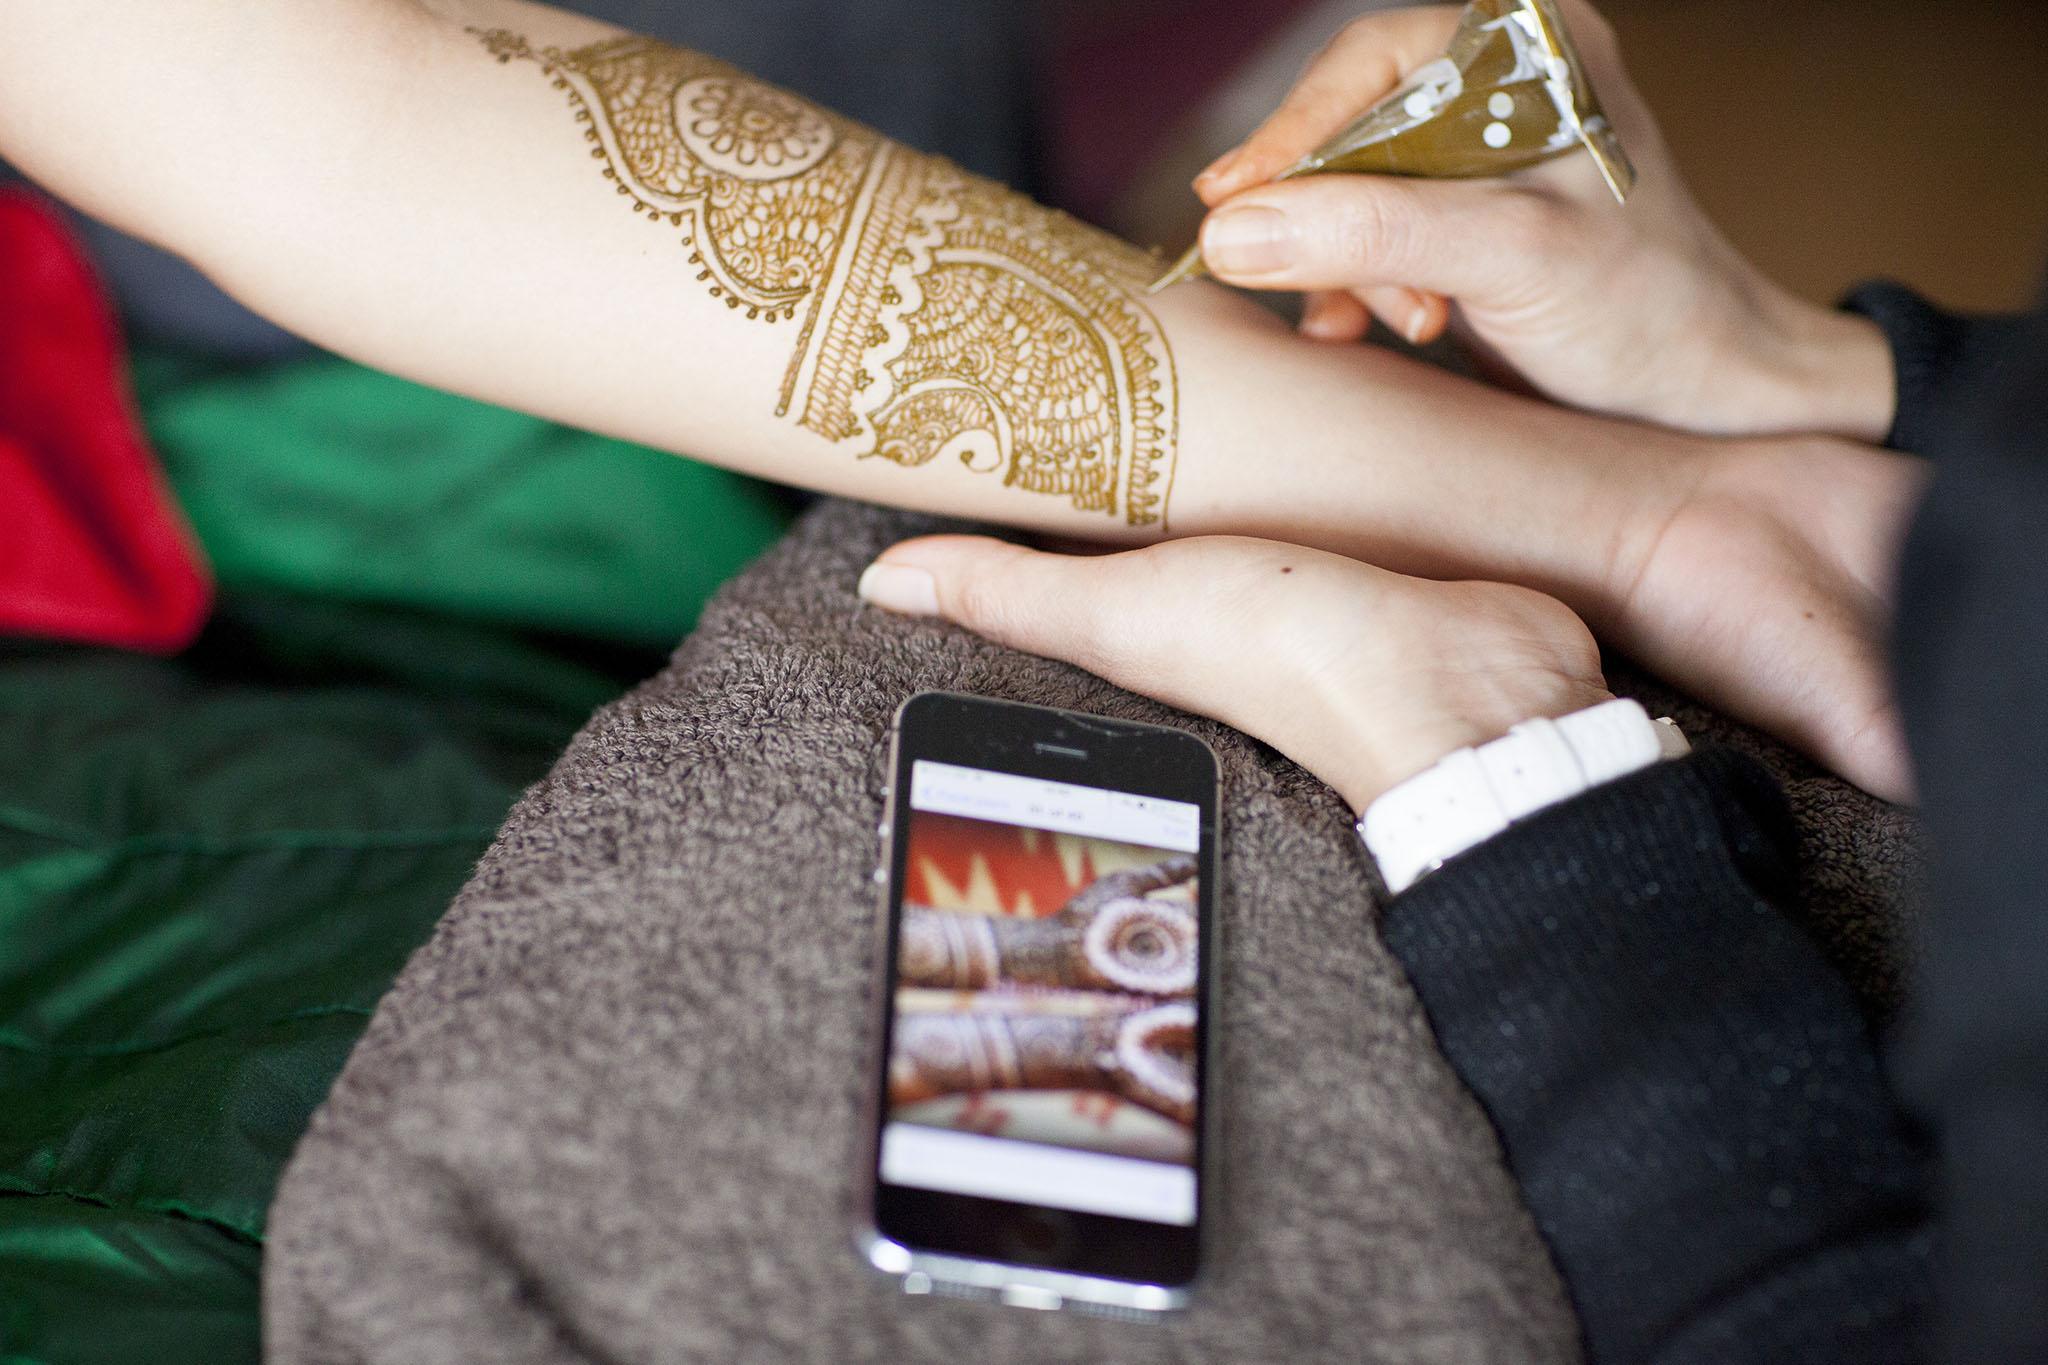 elizabethg_fineart_photography_hertfordshire_indian_wedding_mehndi_kundalata_04.jpg